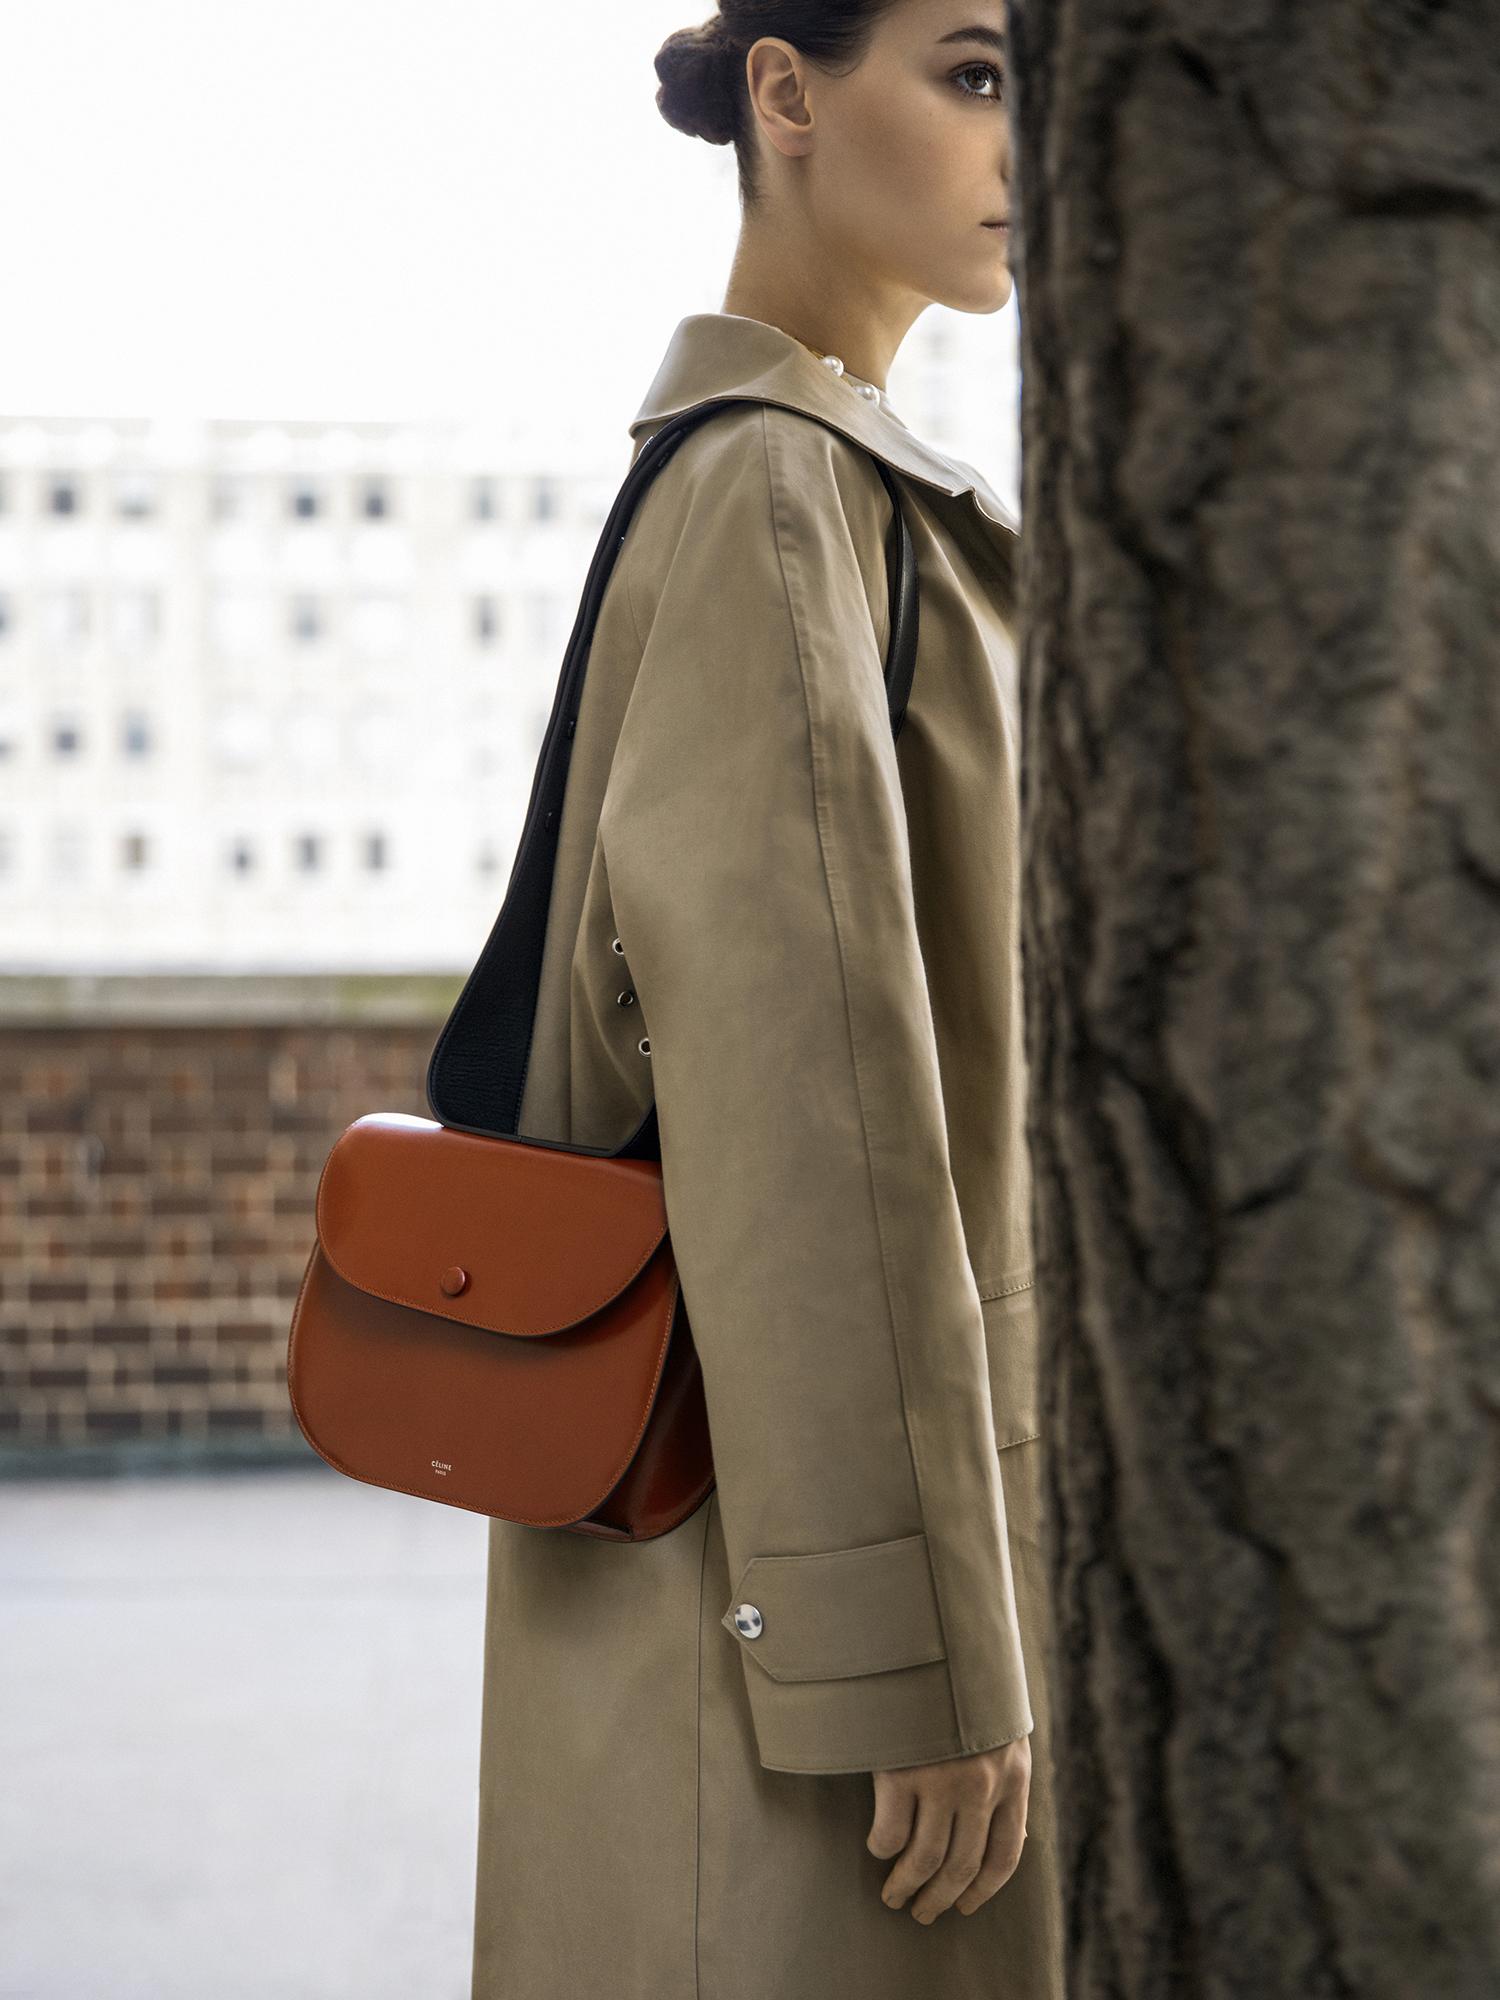 Harper's Bazaar Acc NYC (1)